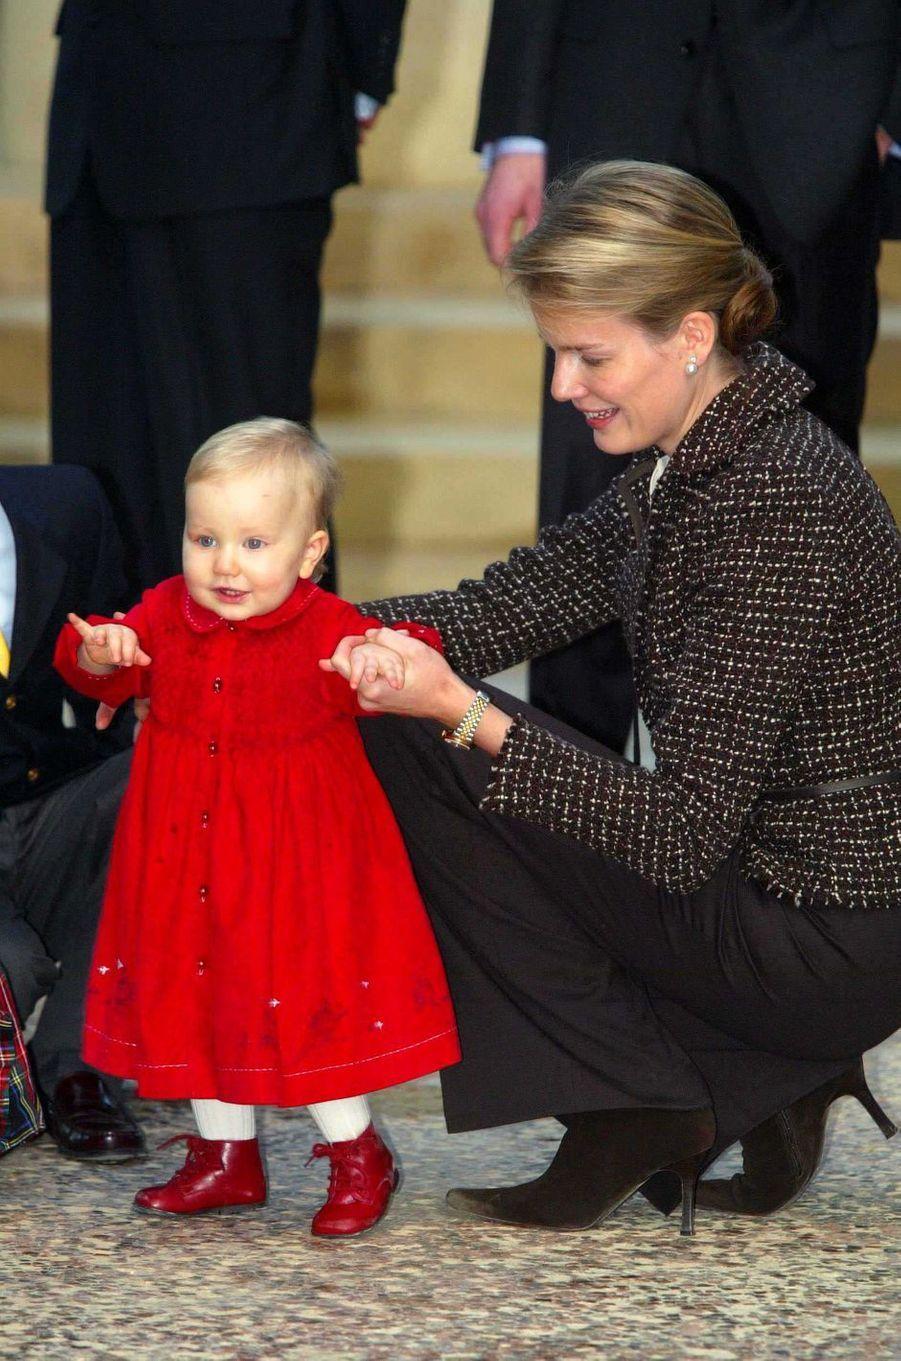 La princesse Elisabeth de Belgique avec la mère la princesse Mathilde, le 19 décembre 2002